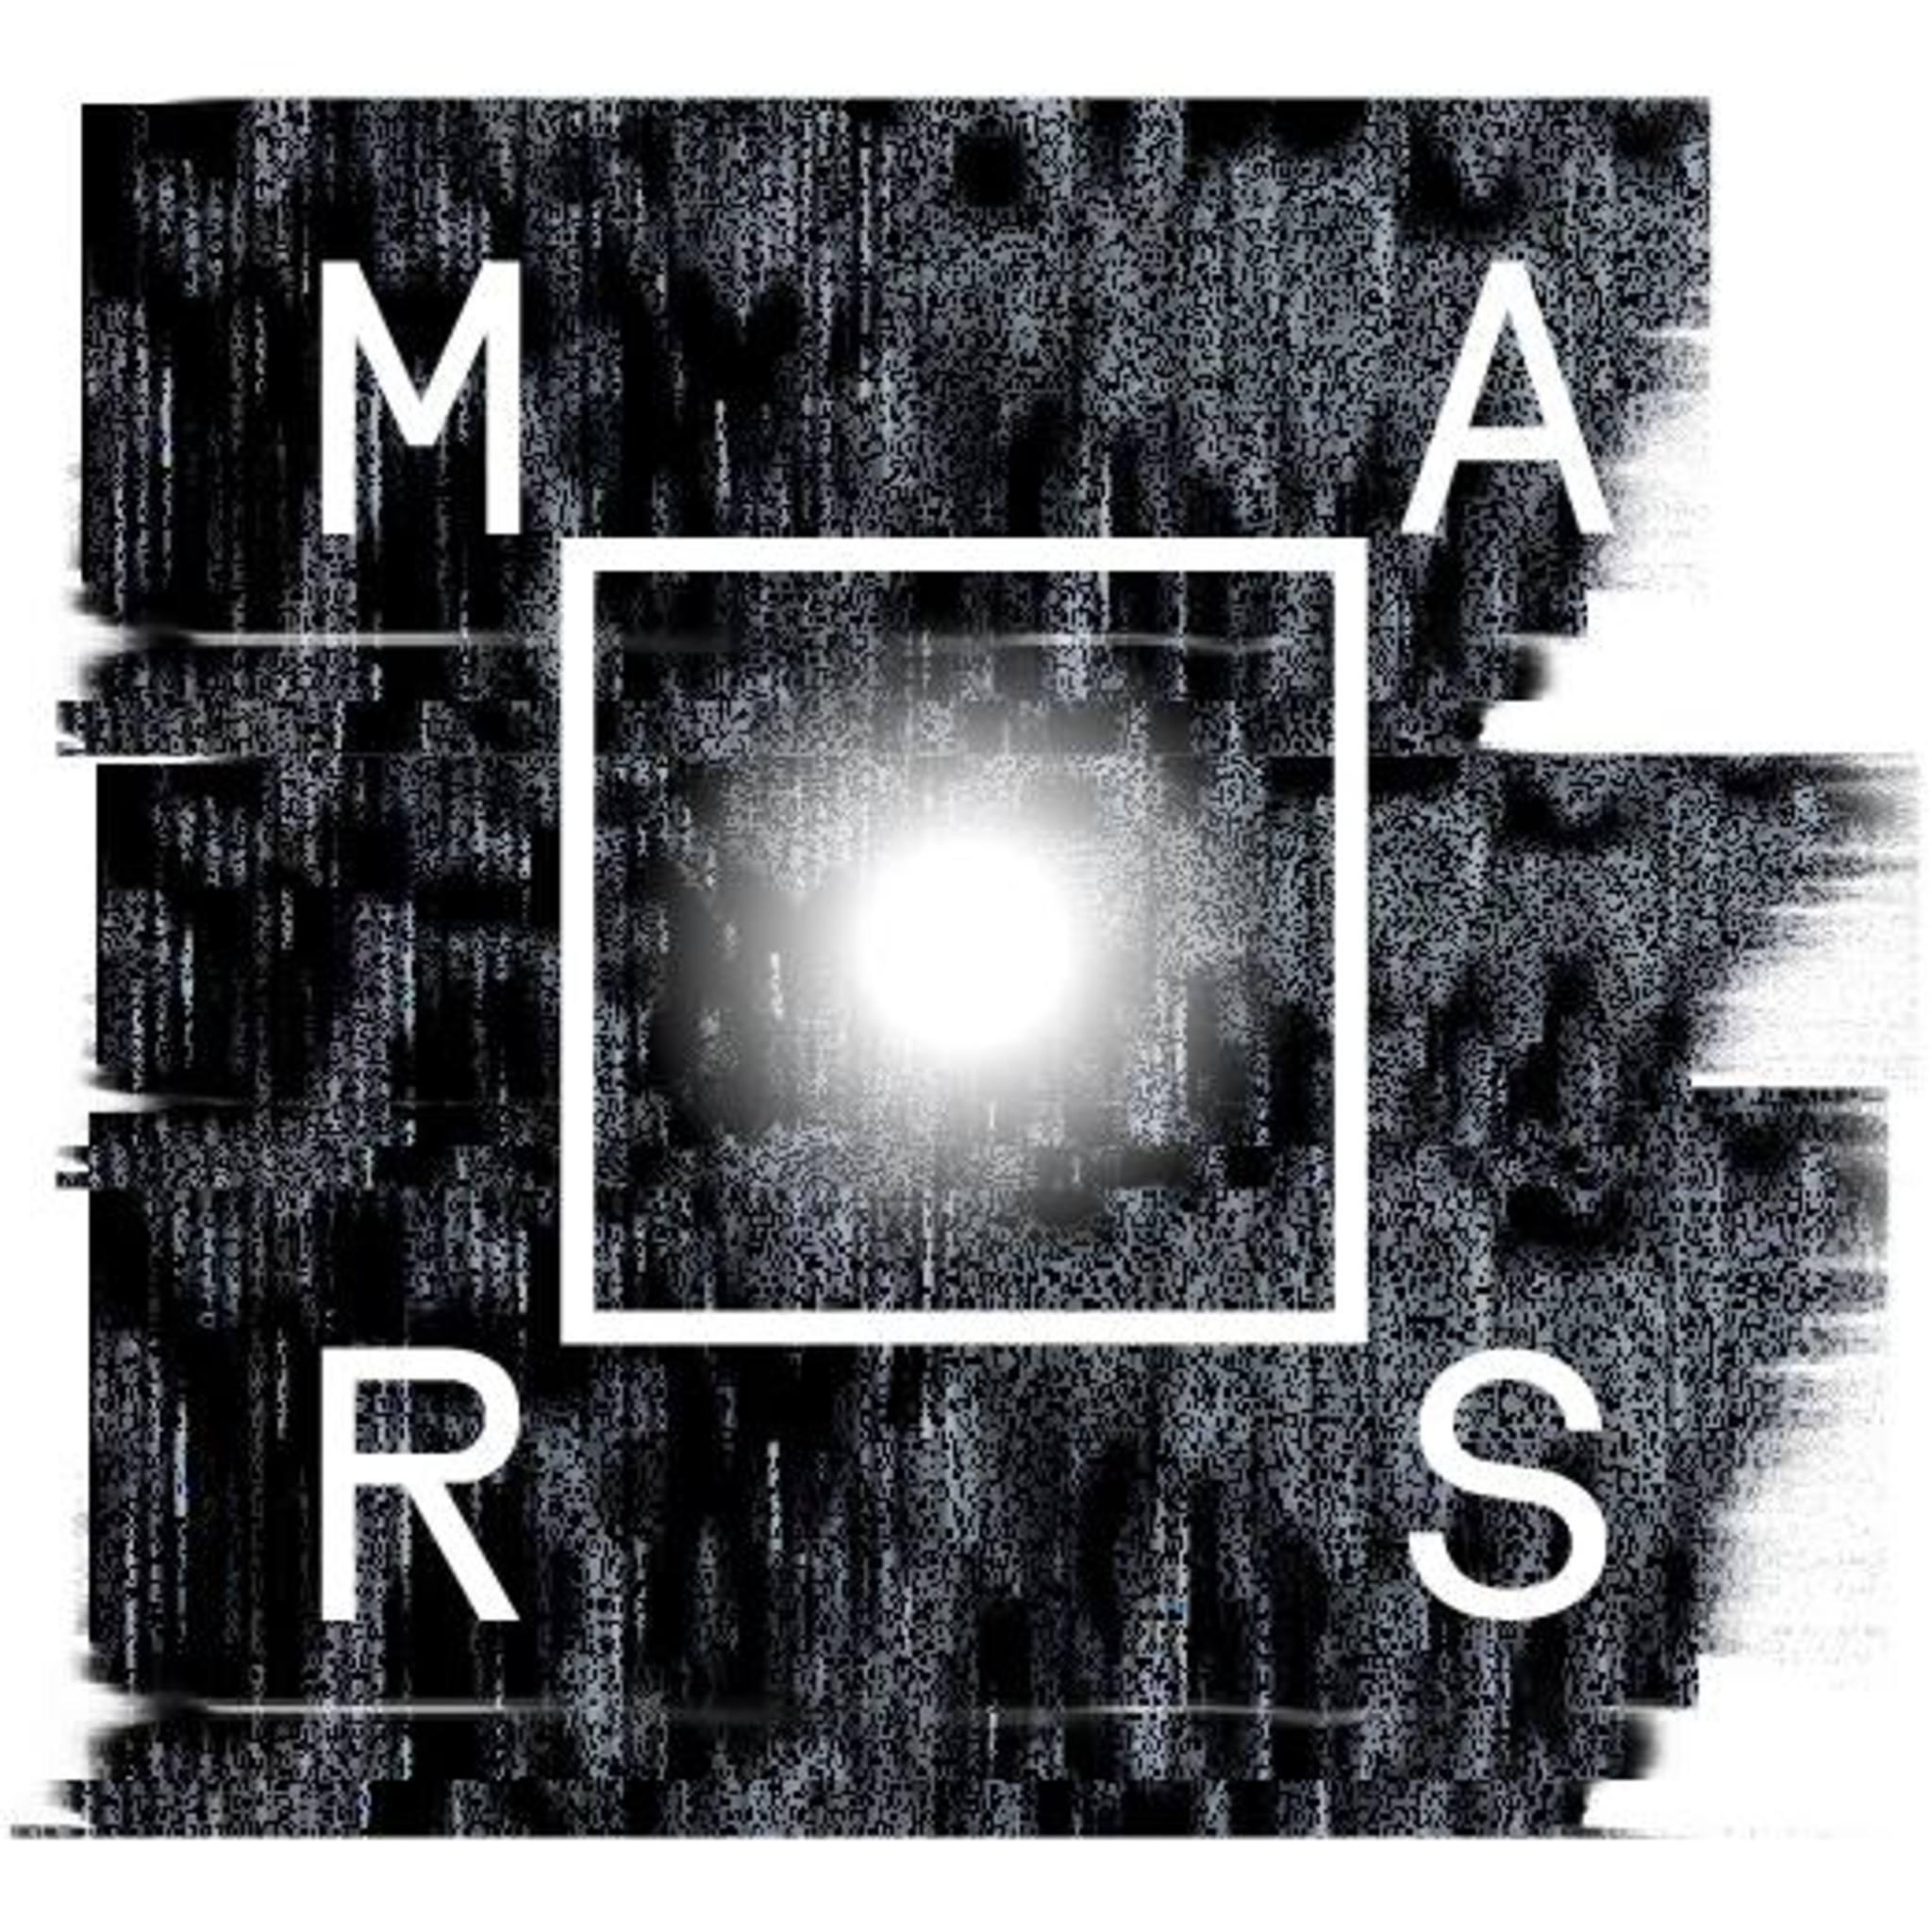 MARS Center in St. Petersburg